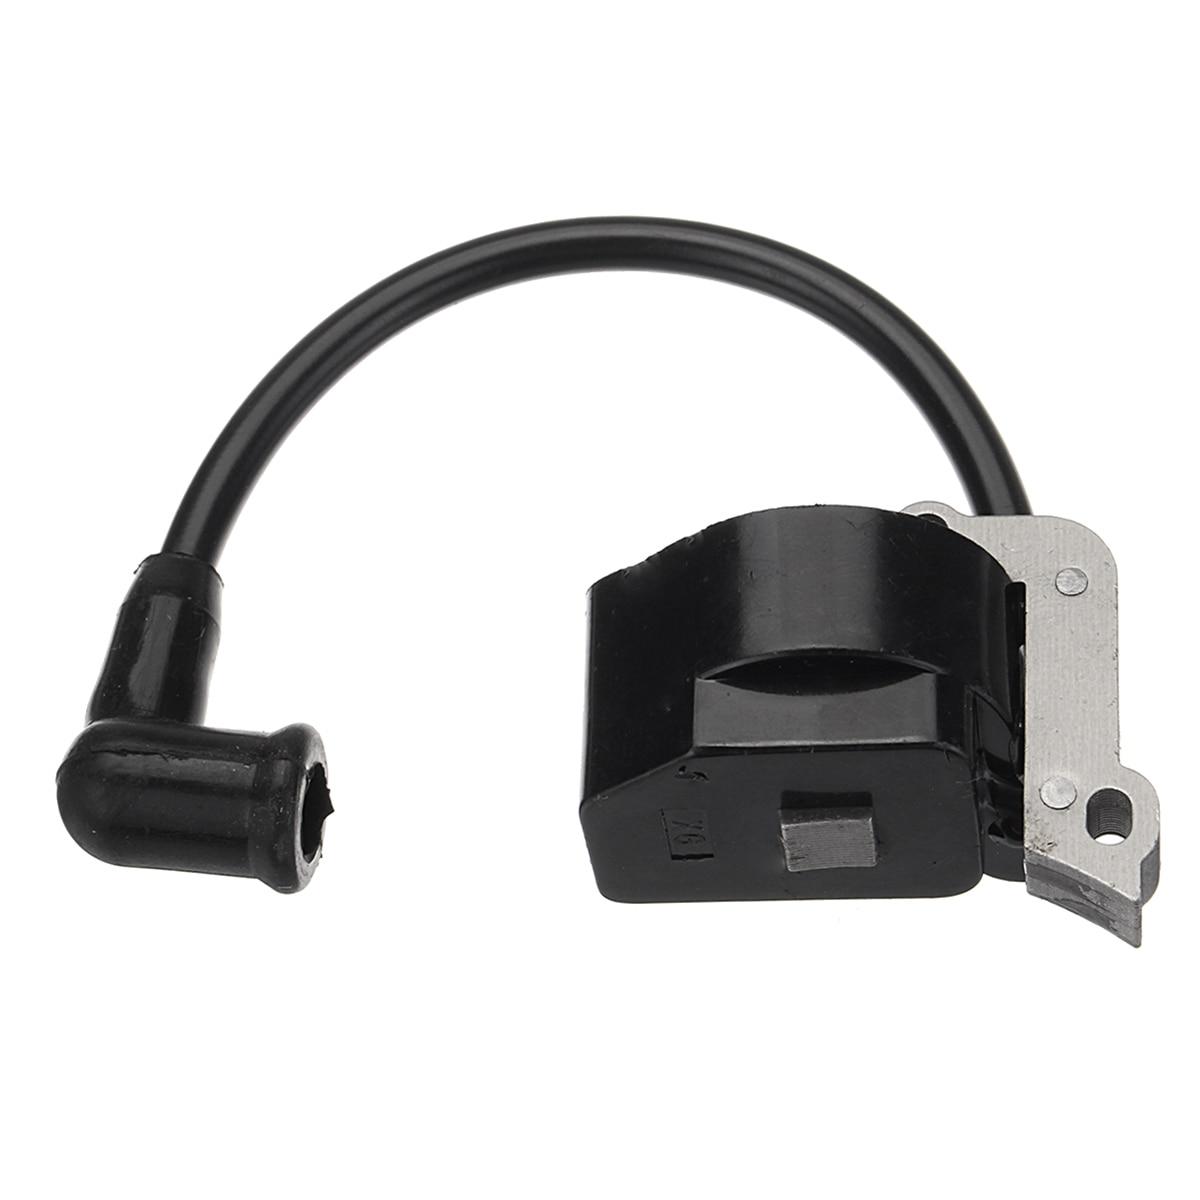 Ignition Coil Module Fits For Stihl BG55 BG65 BG85 BG45 BG46 BR45 SH55 SH85 AM42